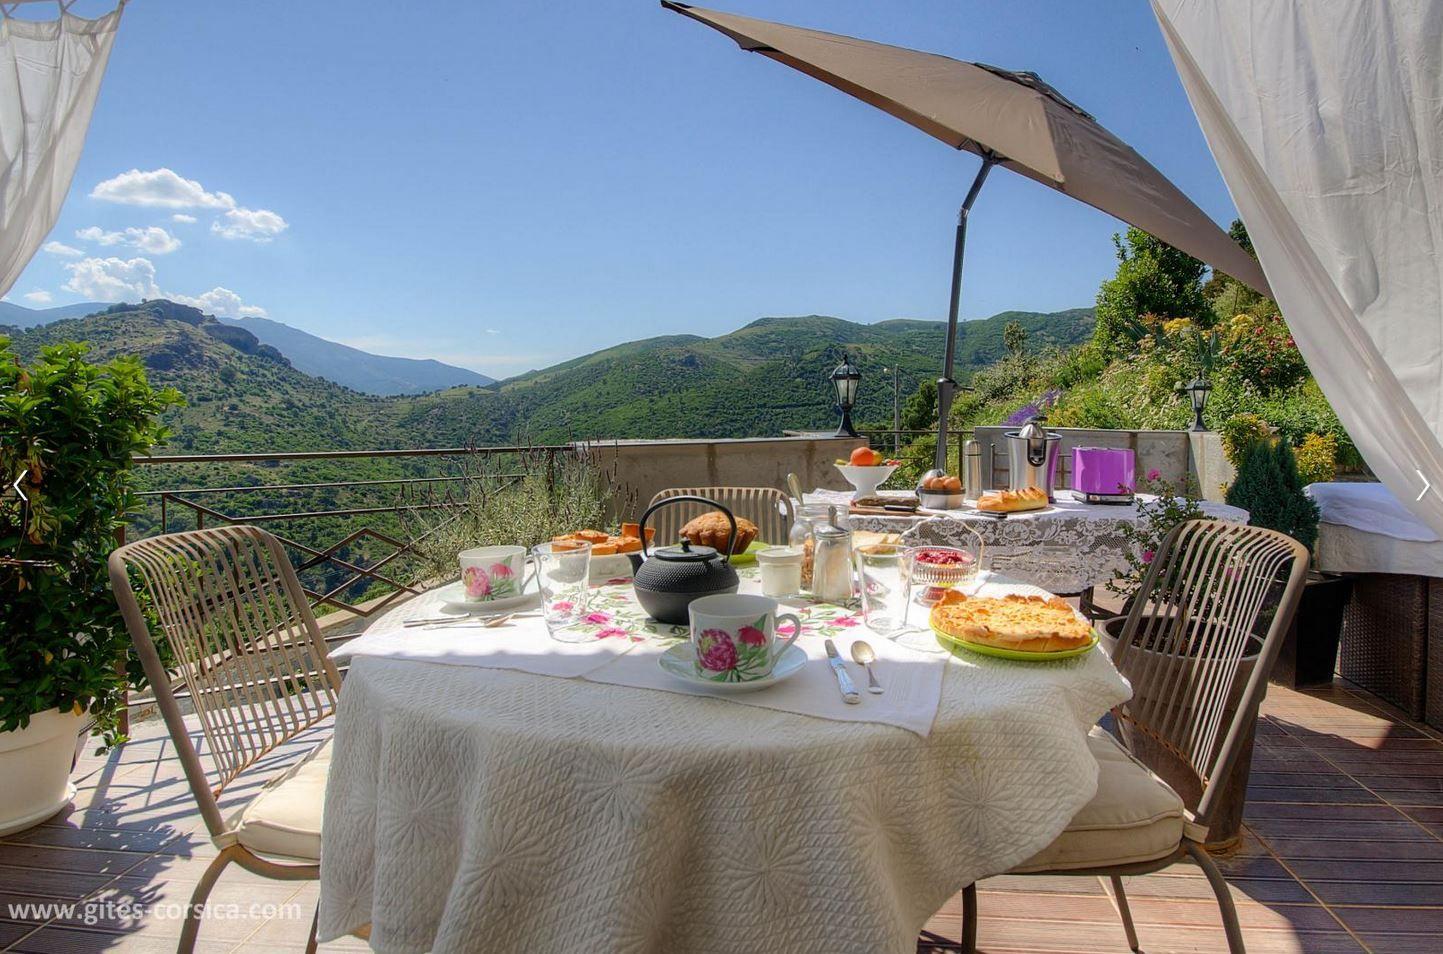 En Quete D Un Sejour En Pleine Nature Cette Maison D Hotes Au Cœur Du Niolu Est Parfaite Pour Un Depaysement Gite De France Maison D Hotes Vacances Corse